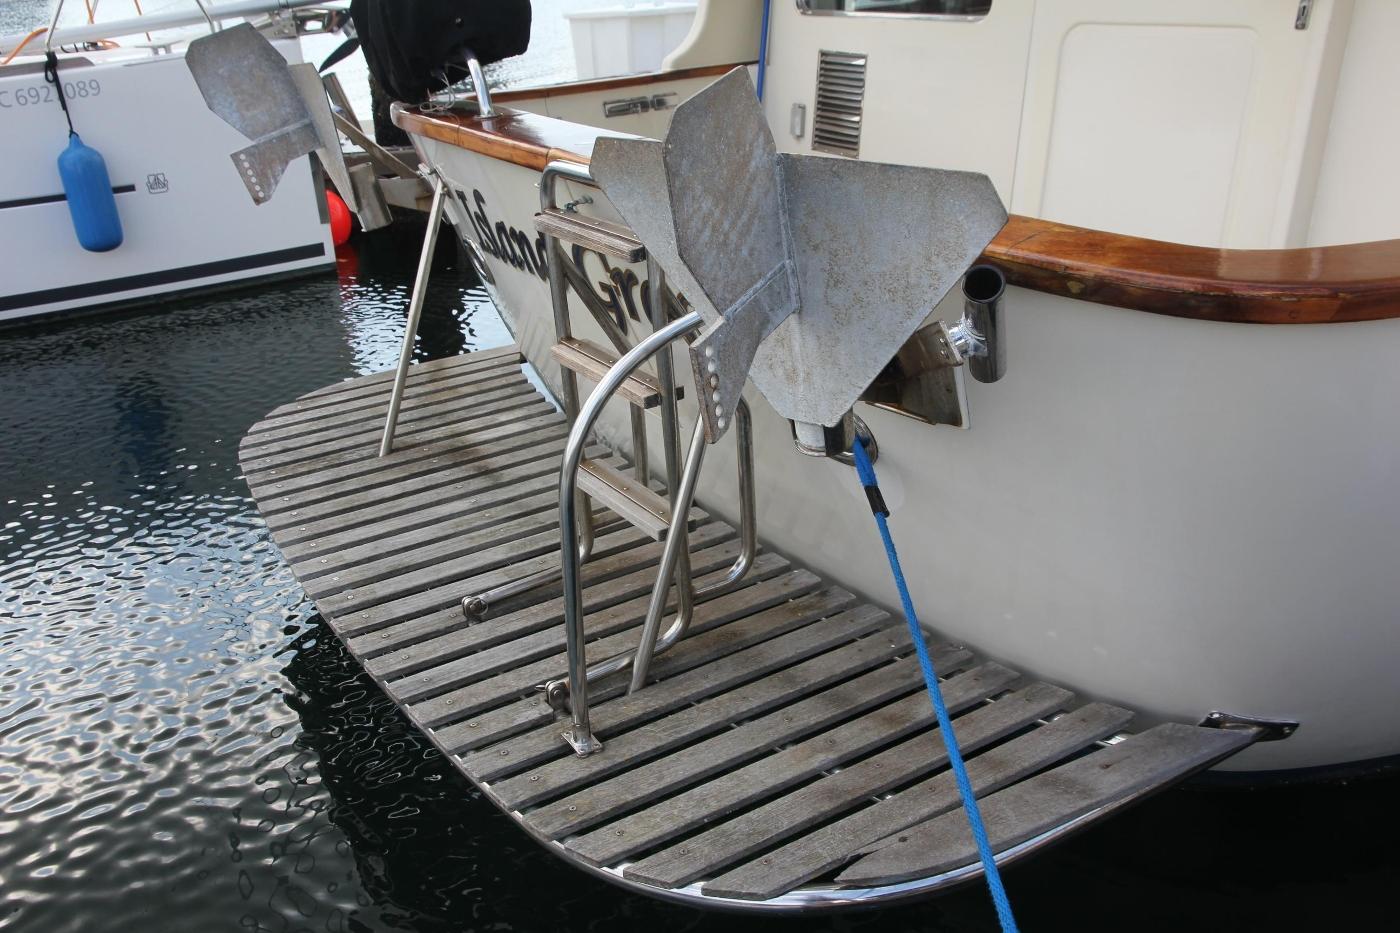 2000 Nordhavn Pilothouse, Teak Swim Platform